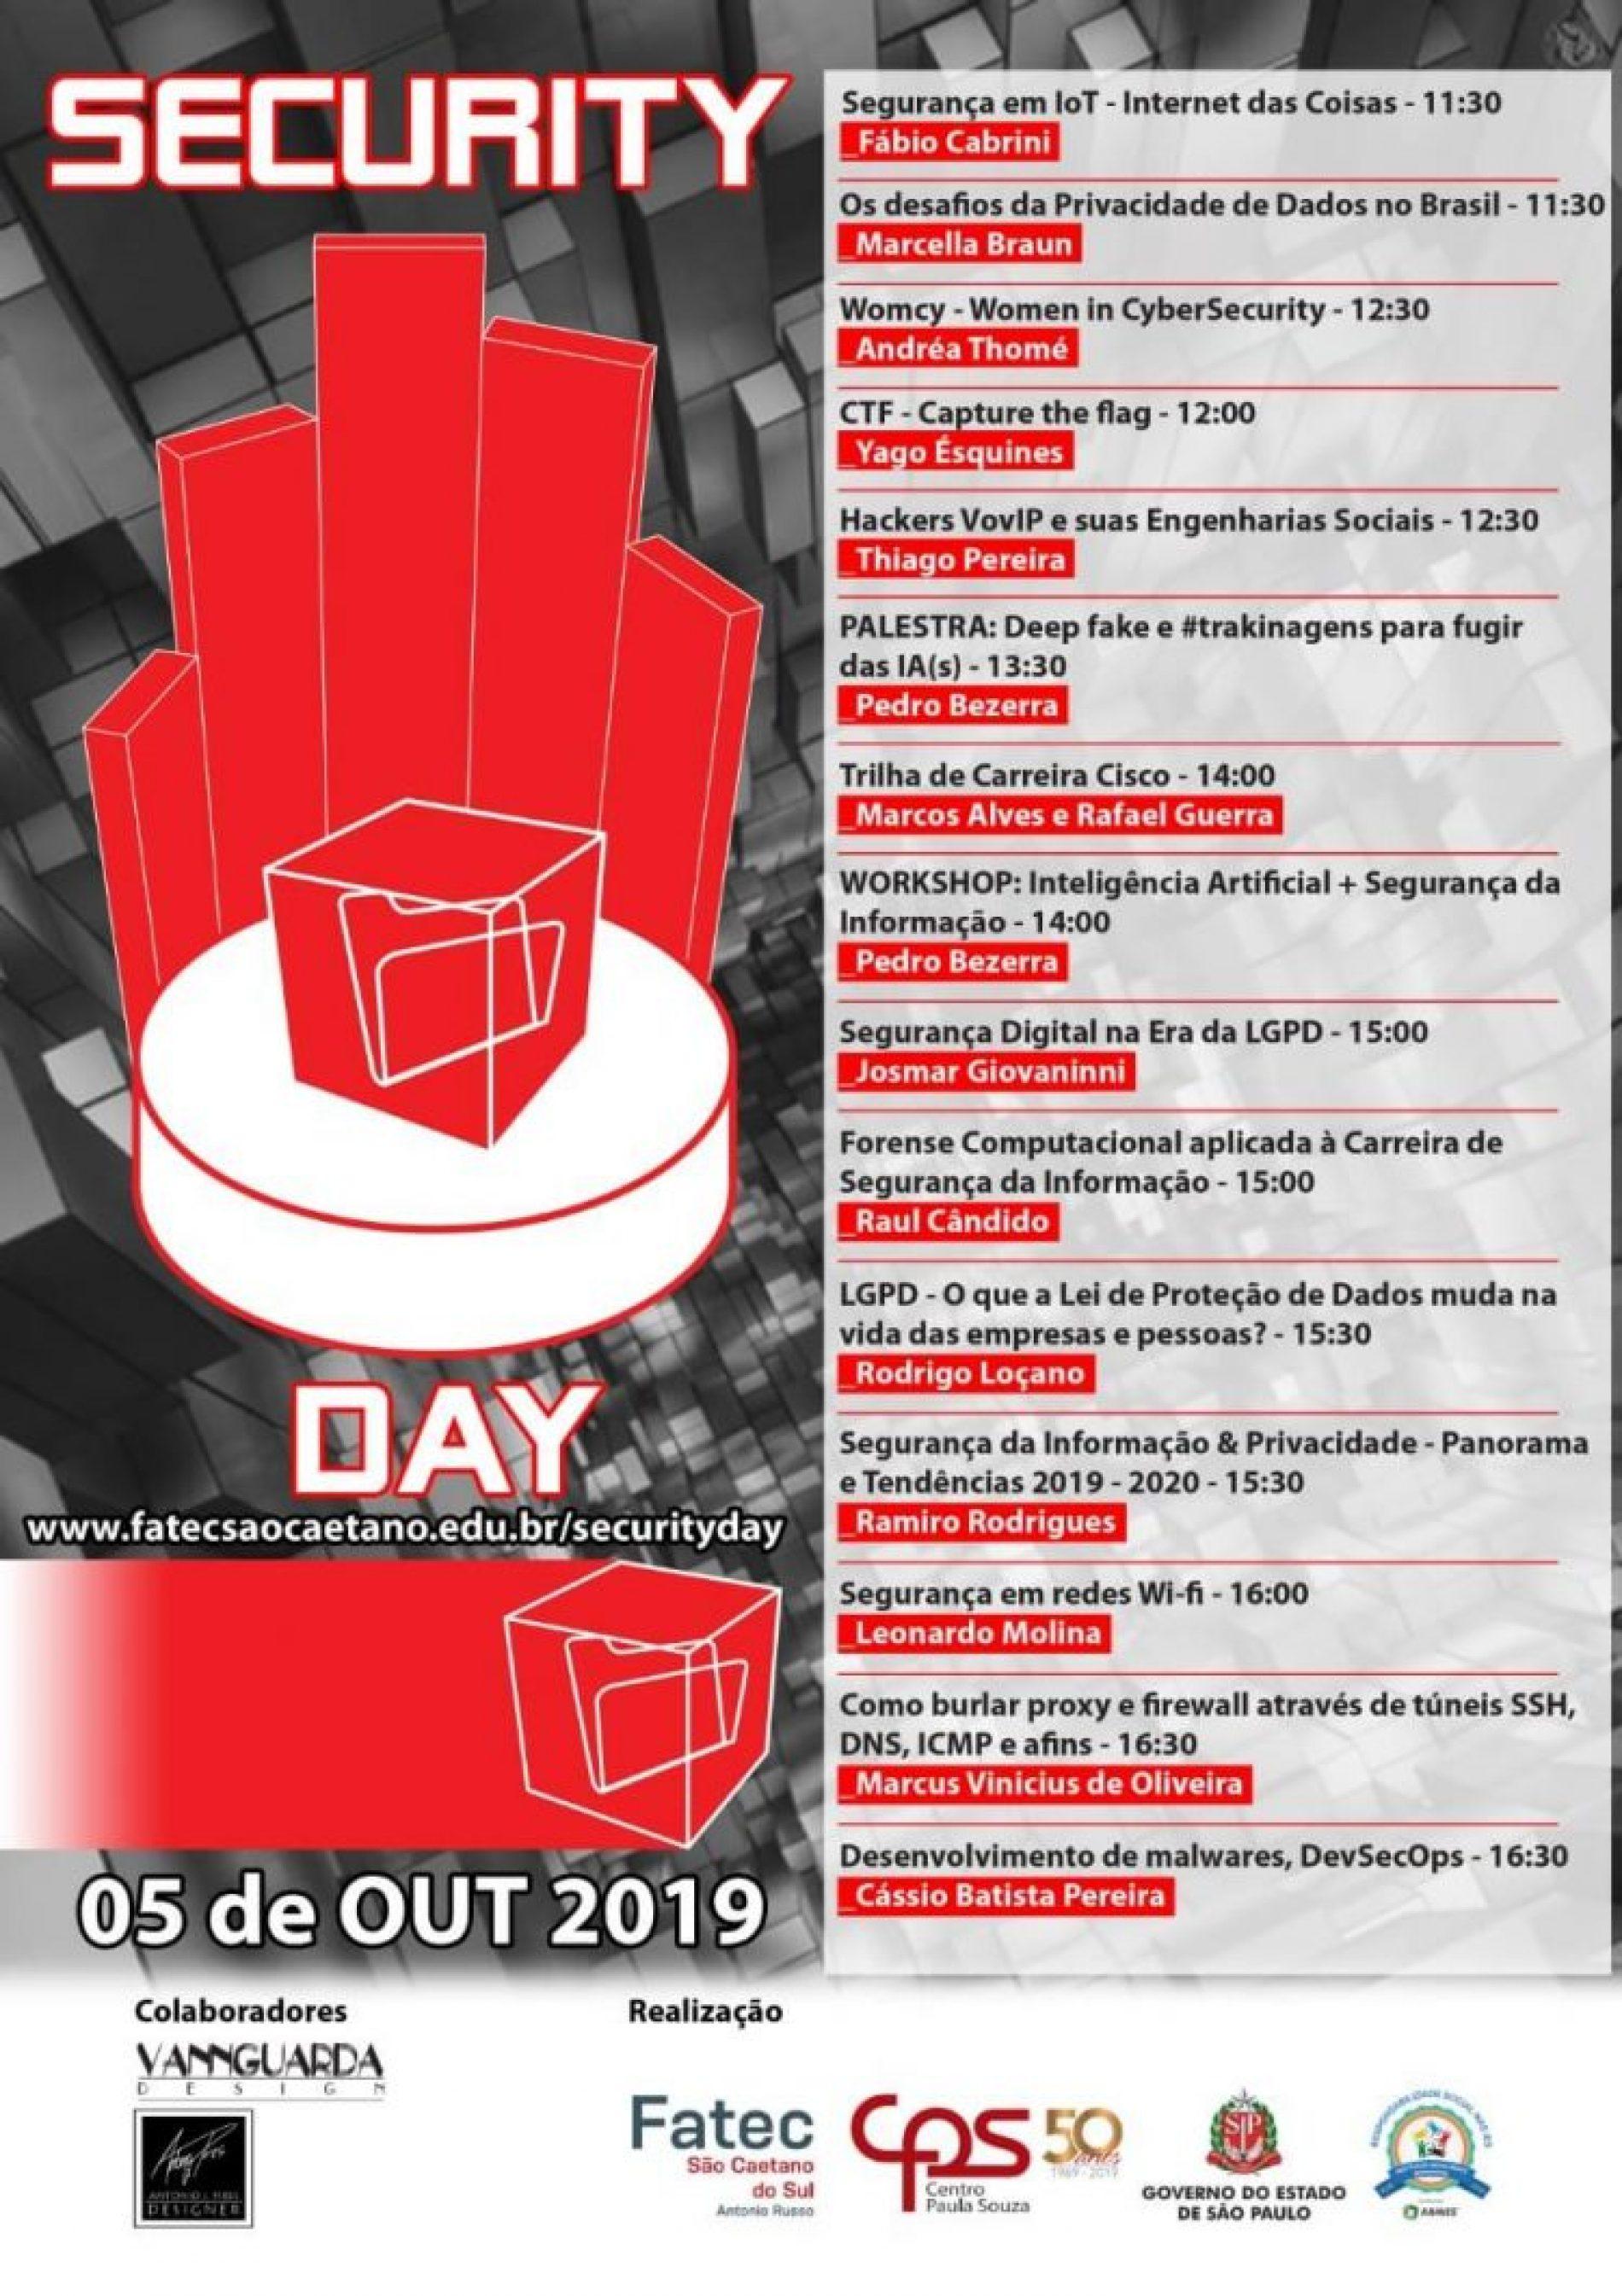 4Linux participará do 8º Security Day promovido pela Fatec Antonio Russo